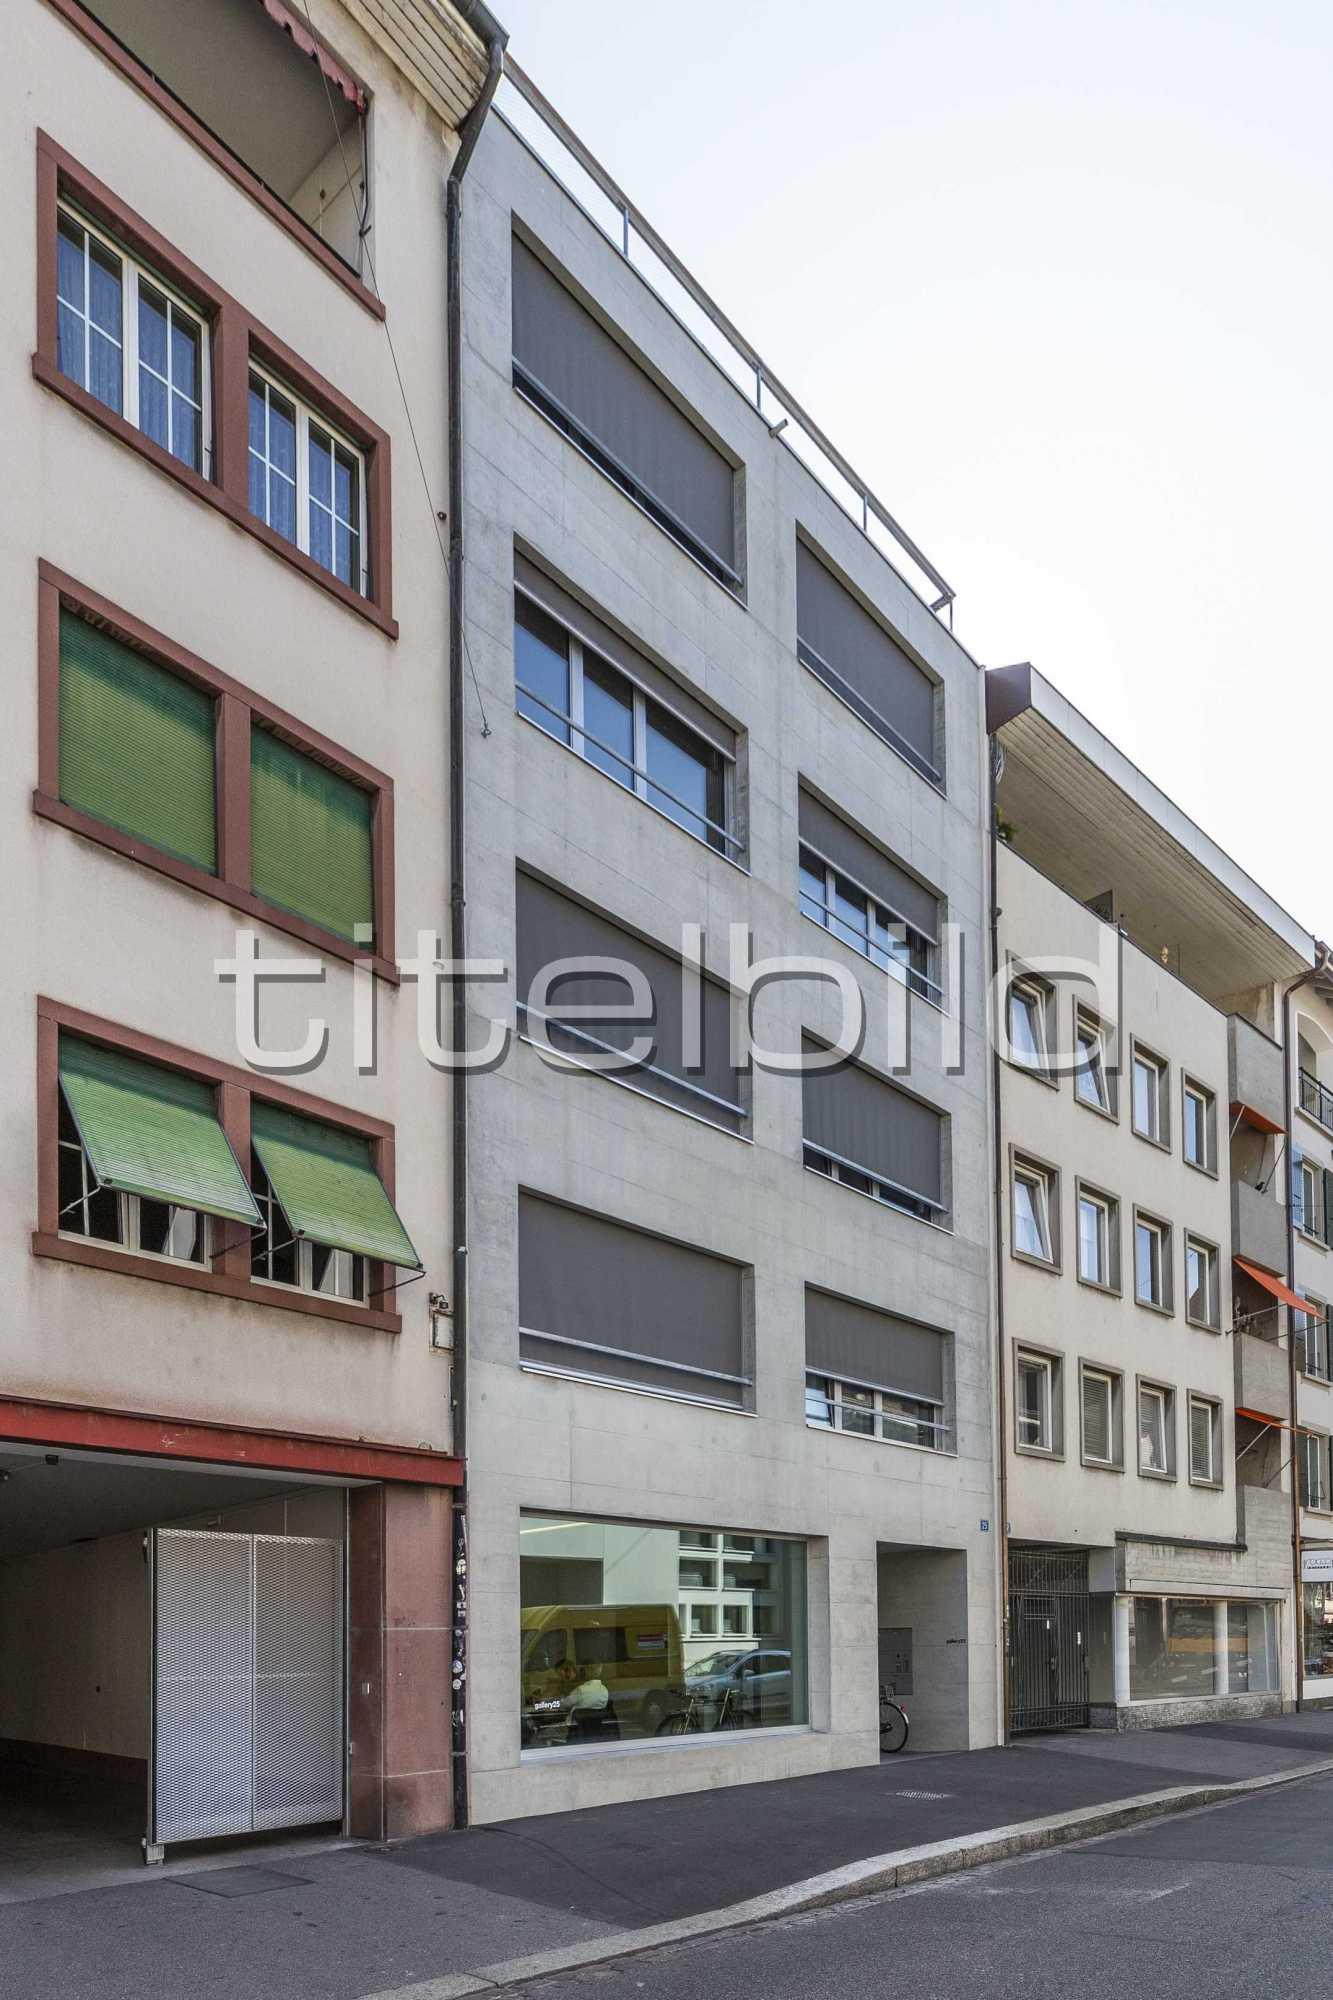 Projektbild-Nr. 3: Urbanes Wohnen an der Rebgasse